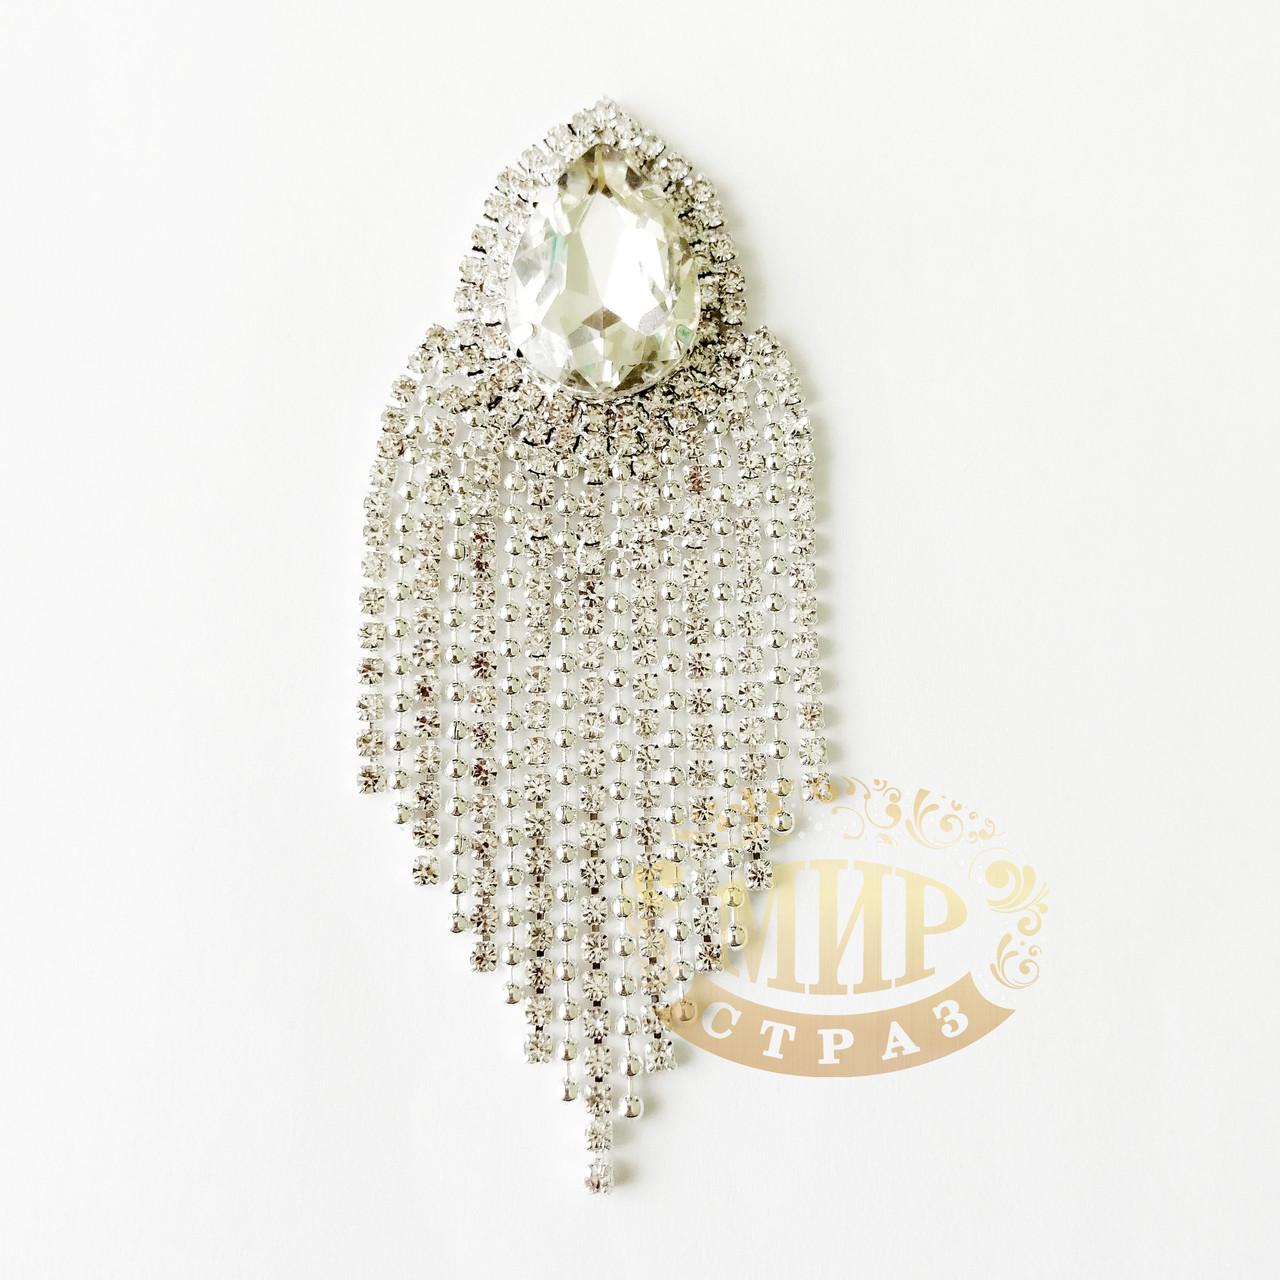 Хрустальный декор, цвет Crystal, размер 3,5х10см, 1 шт